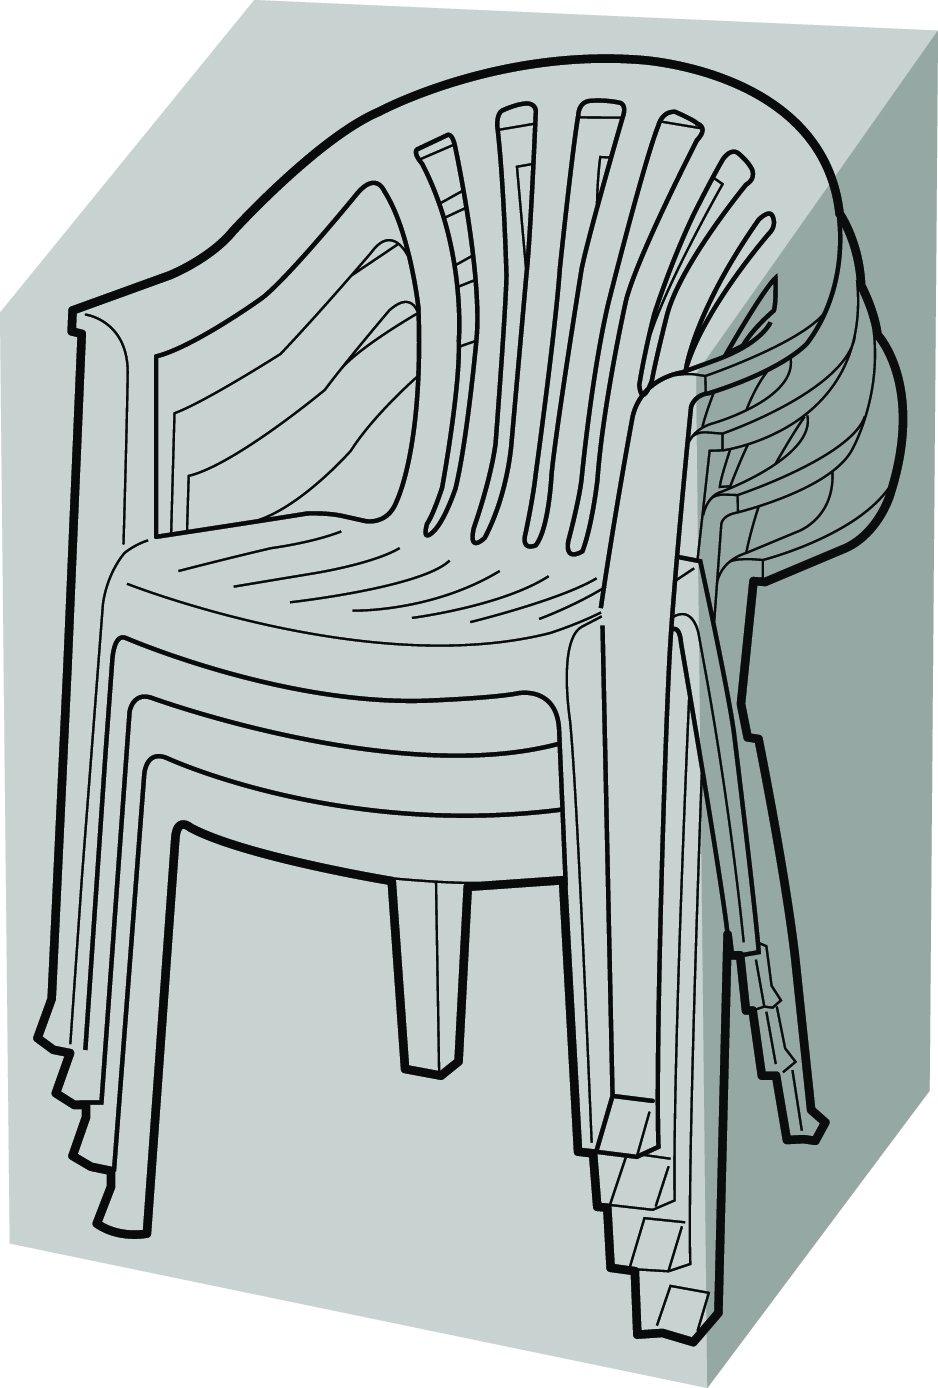 Eigbrecht 142101 Klarsicht Abdeckhaube Schutzhülle für Hochlehner stapelbar 70x80x67/120cm kaufen